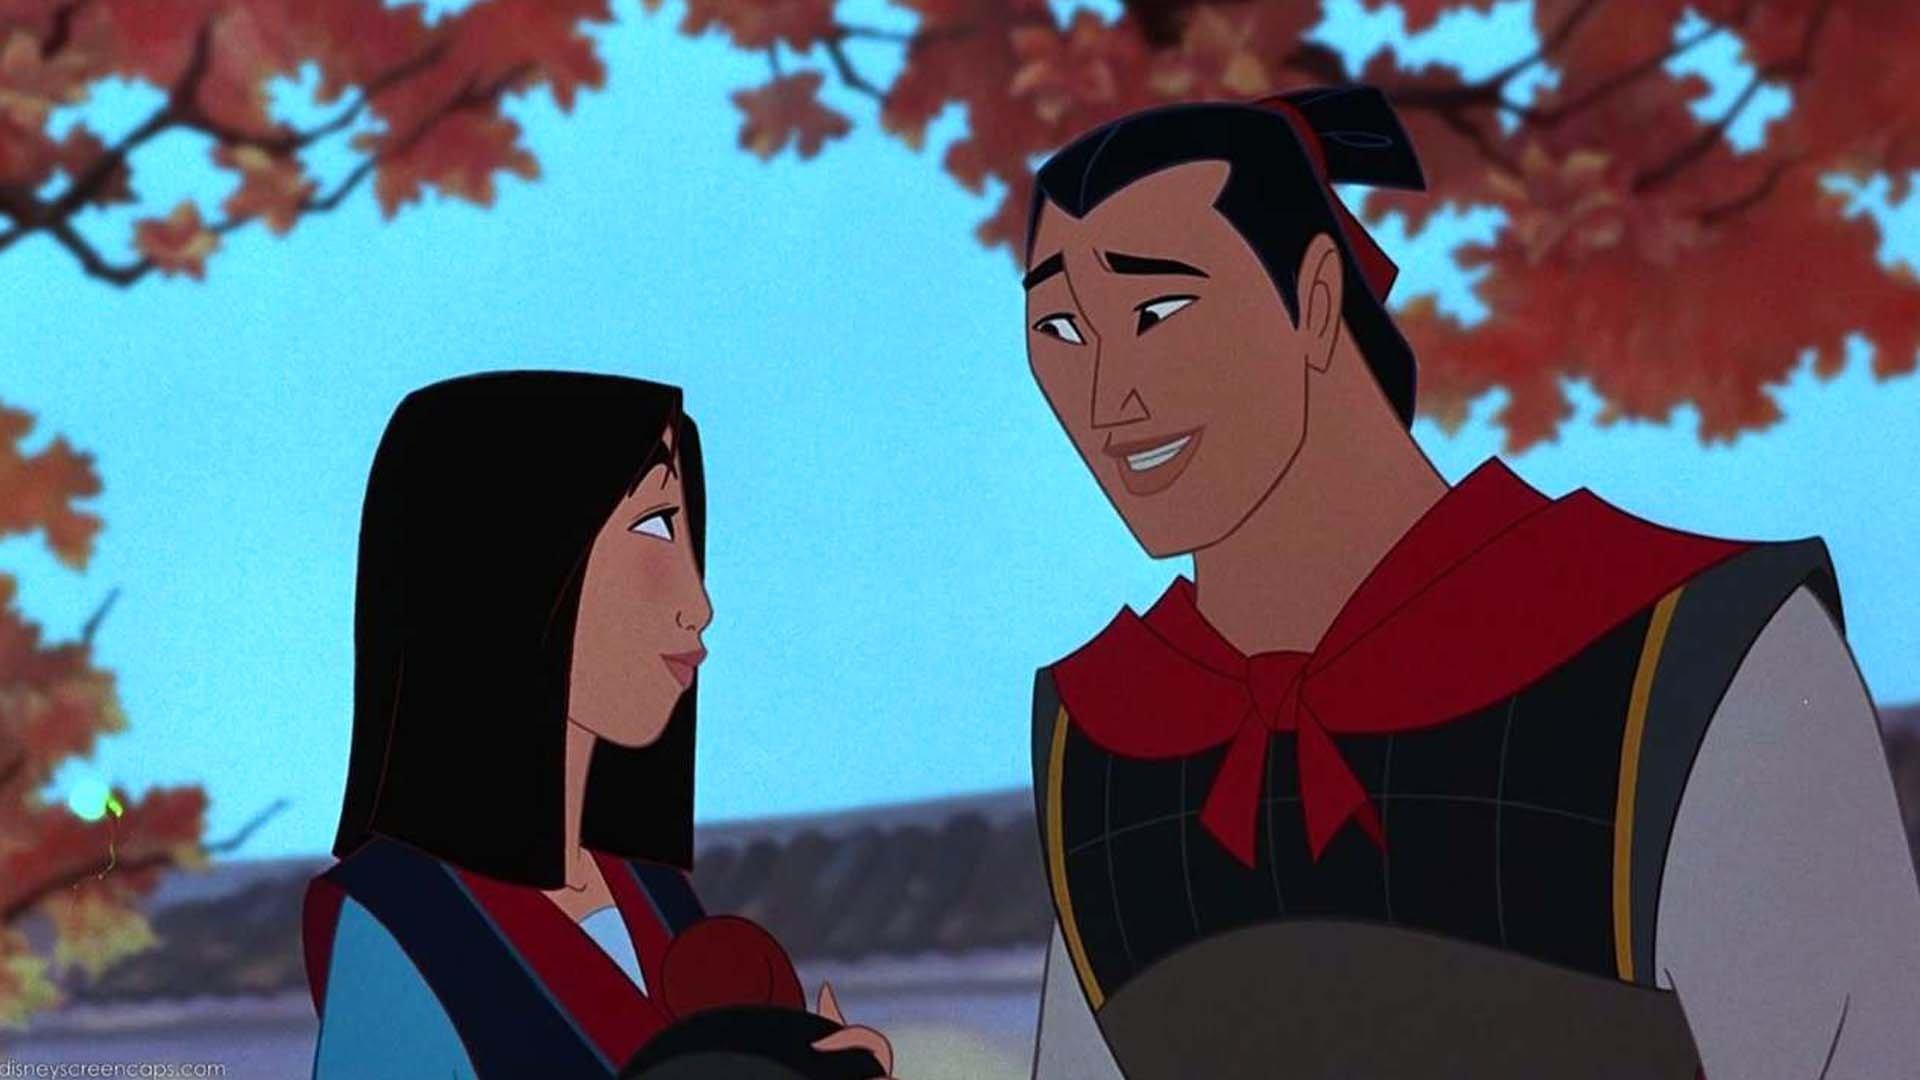 Li Shang è stato eliminato da Mulan